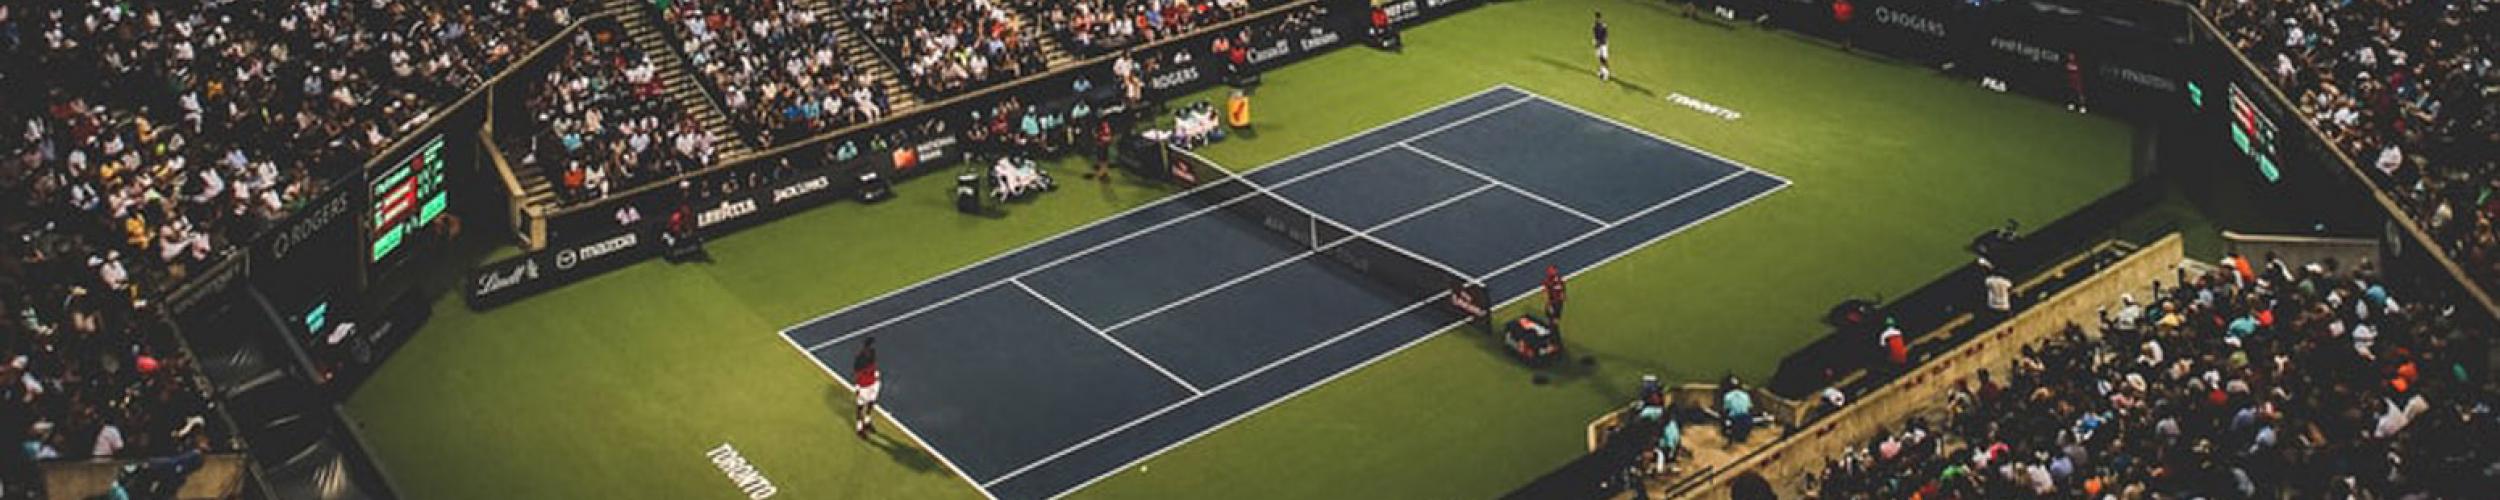 Tennis-activiteiten